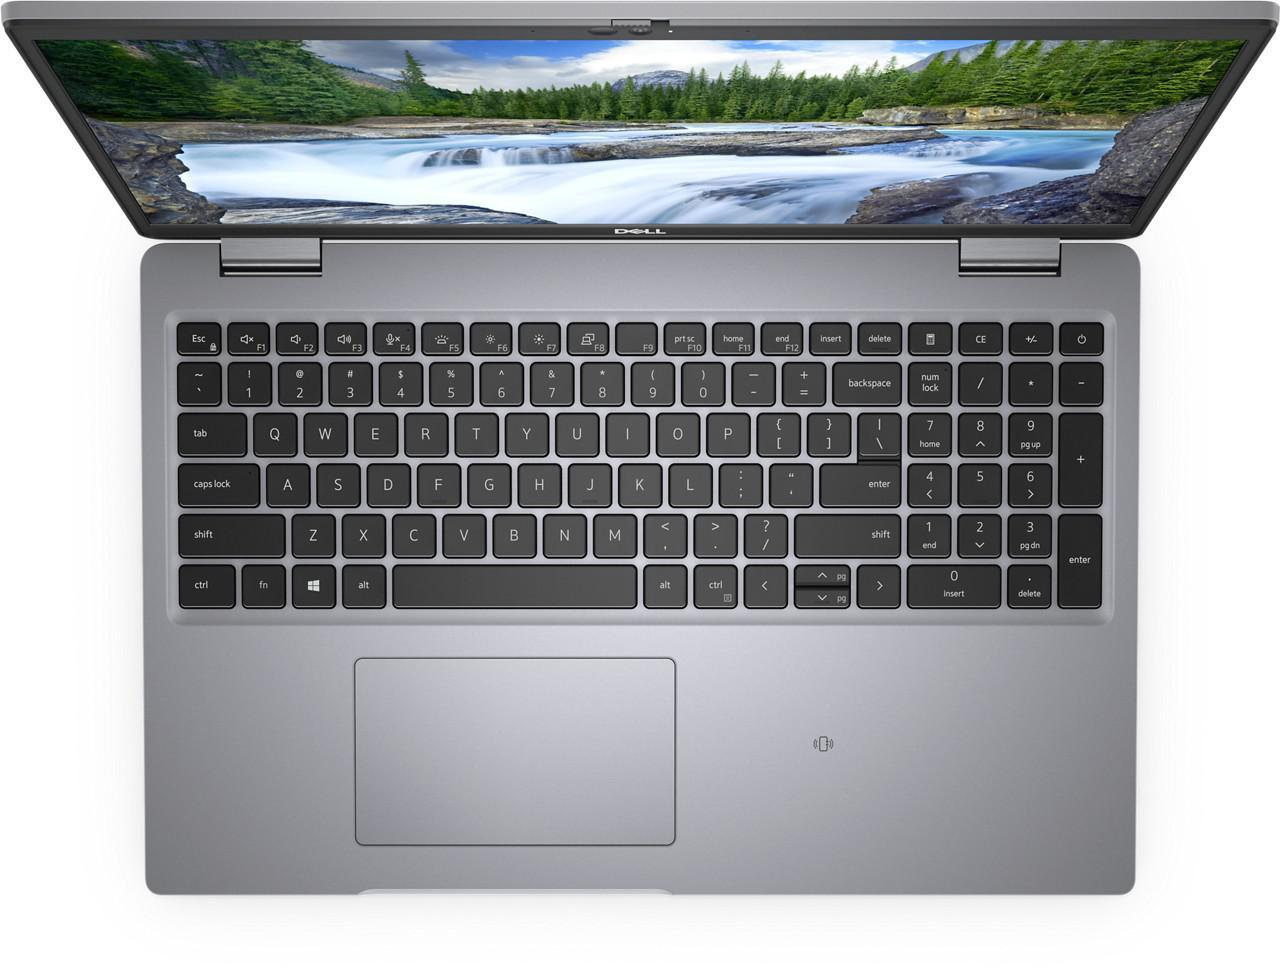 """Laptop Dell Latitude 5520, 15.6"""" FHD, I5-1145G7, 16GB, 512GB SSD, Intel Iris Xe Graphics, W10 Pro - imaginea 2"""